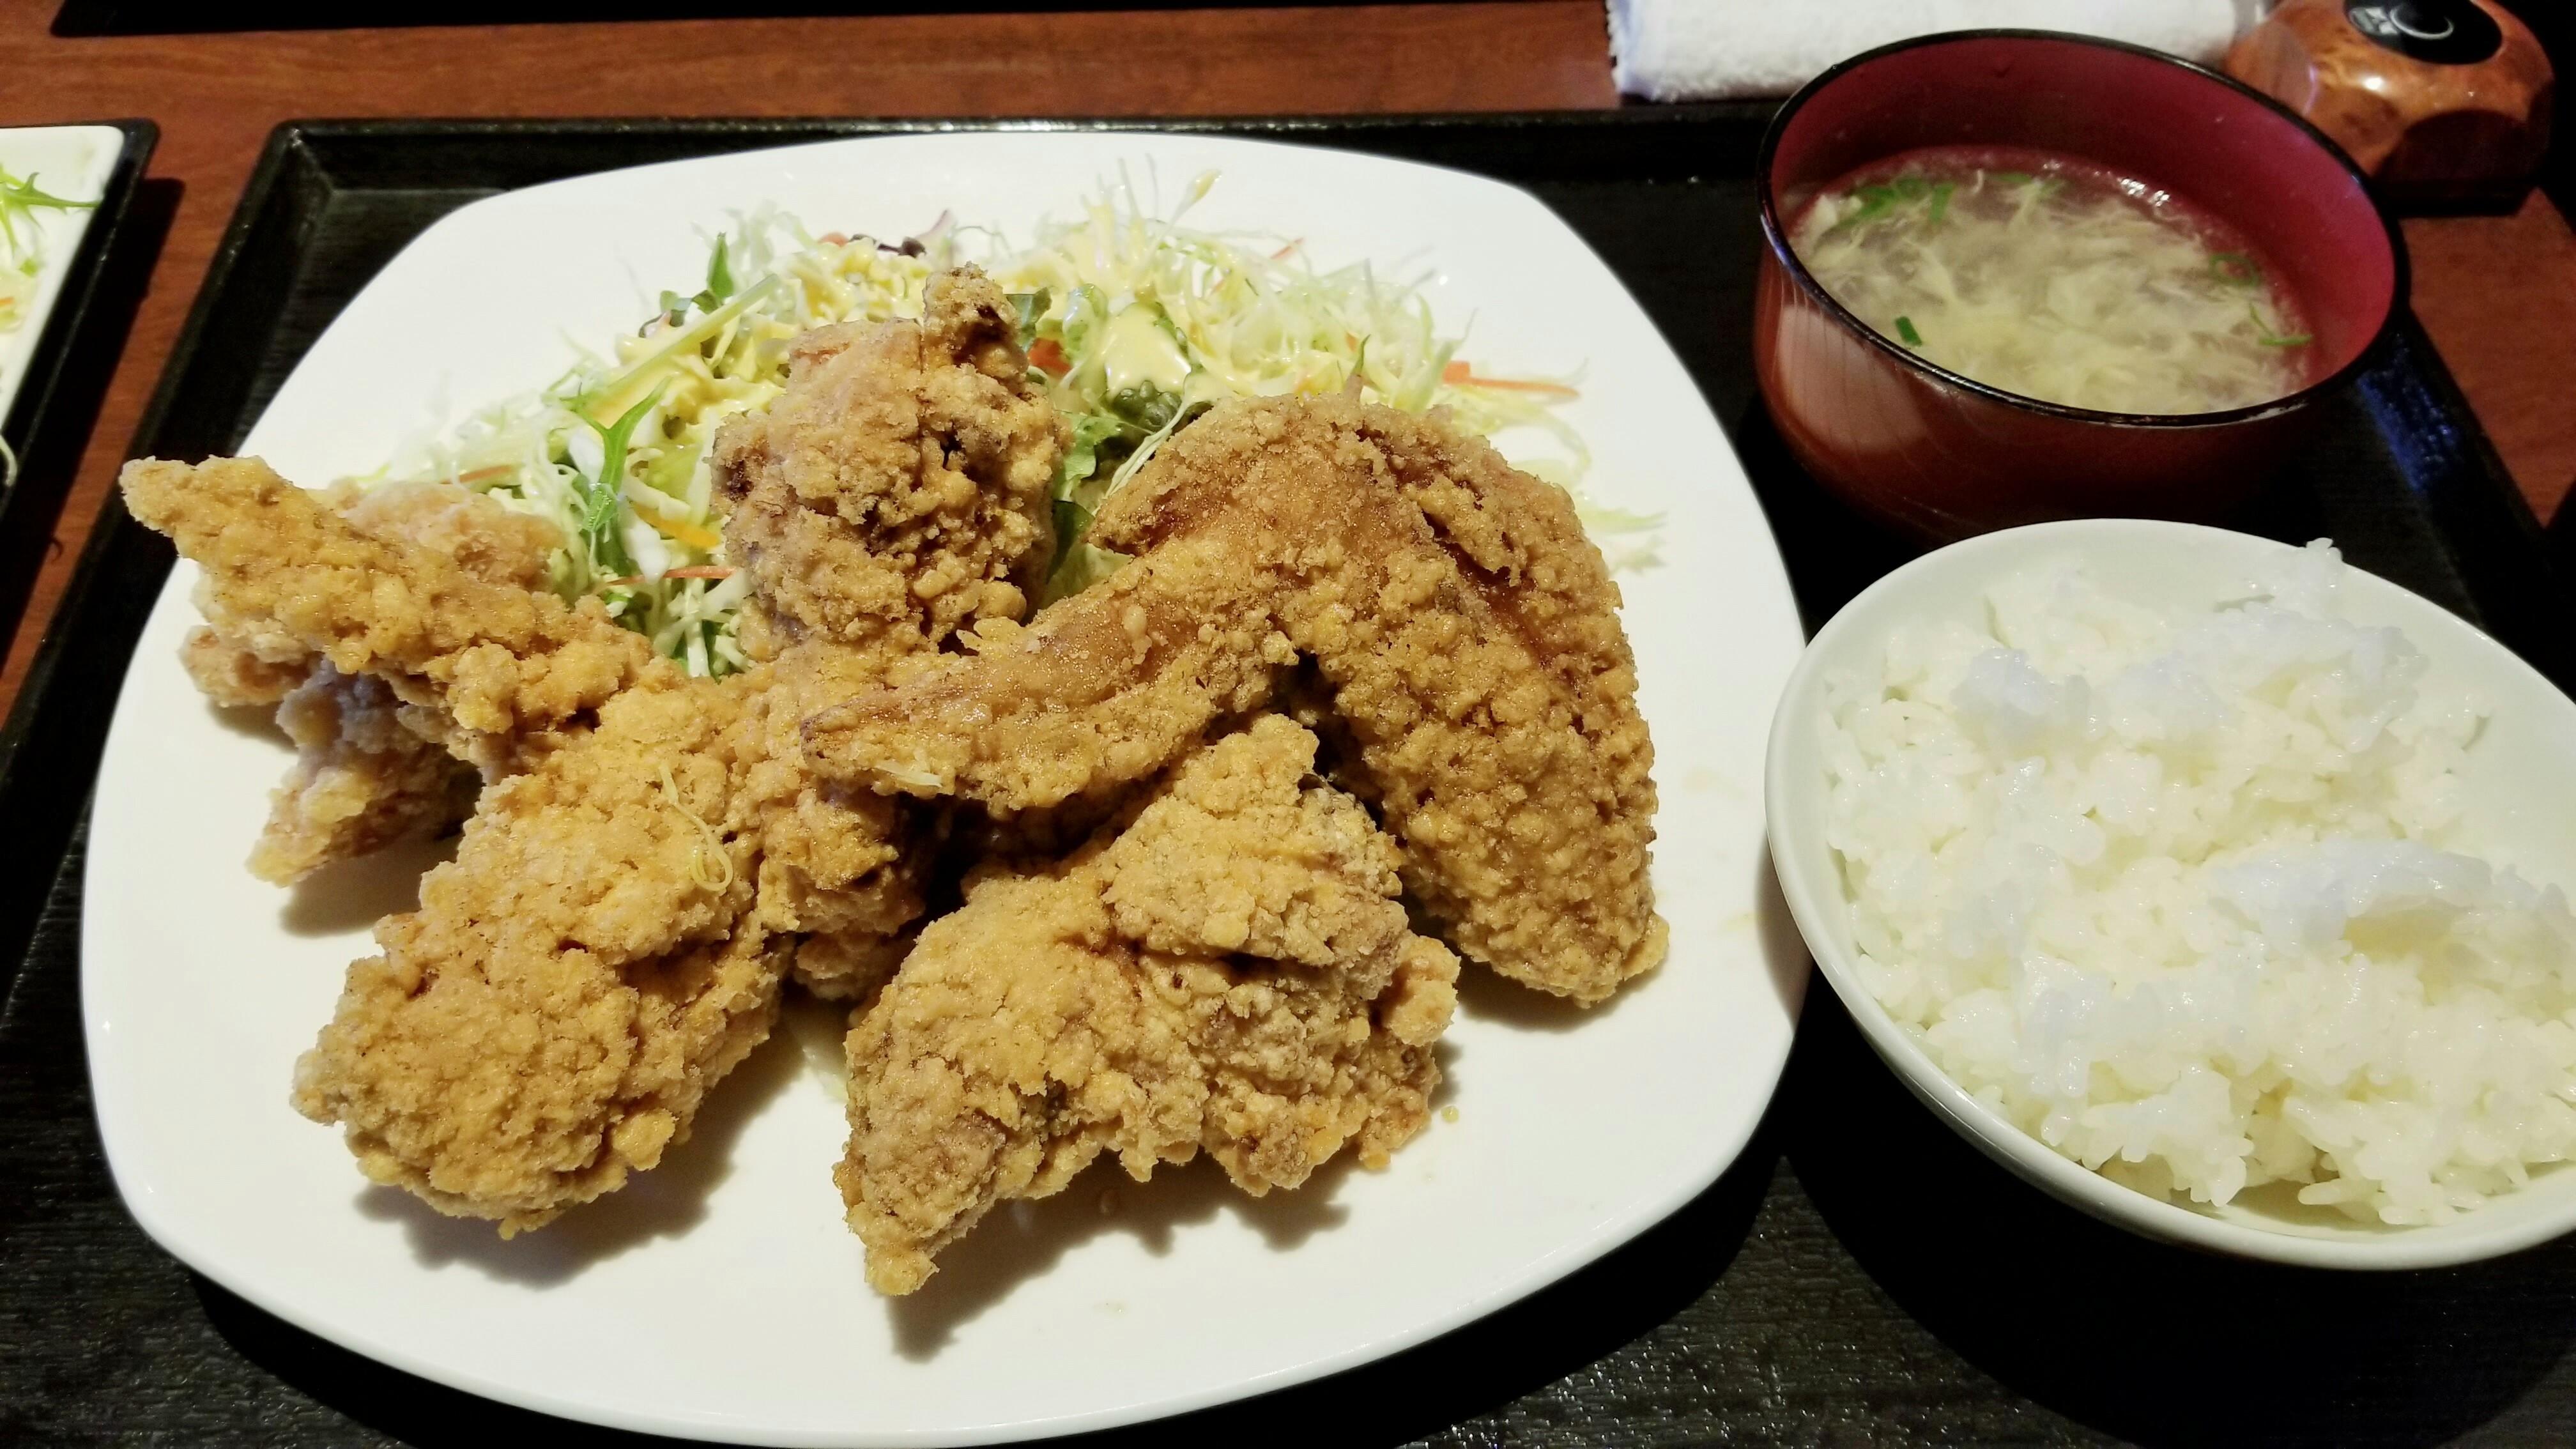 ボリューム満点大盛りランチおすすめグルメ愛媛県松山市四国人気中華